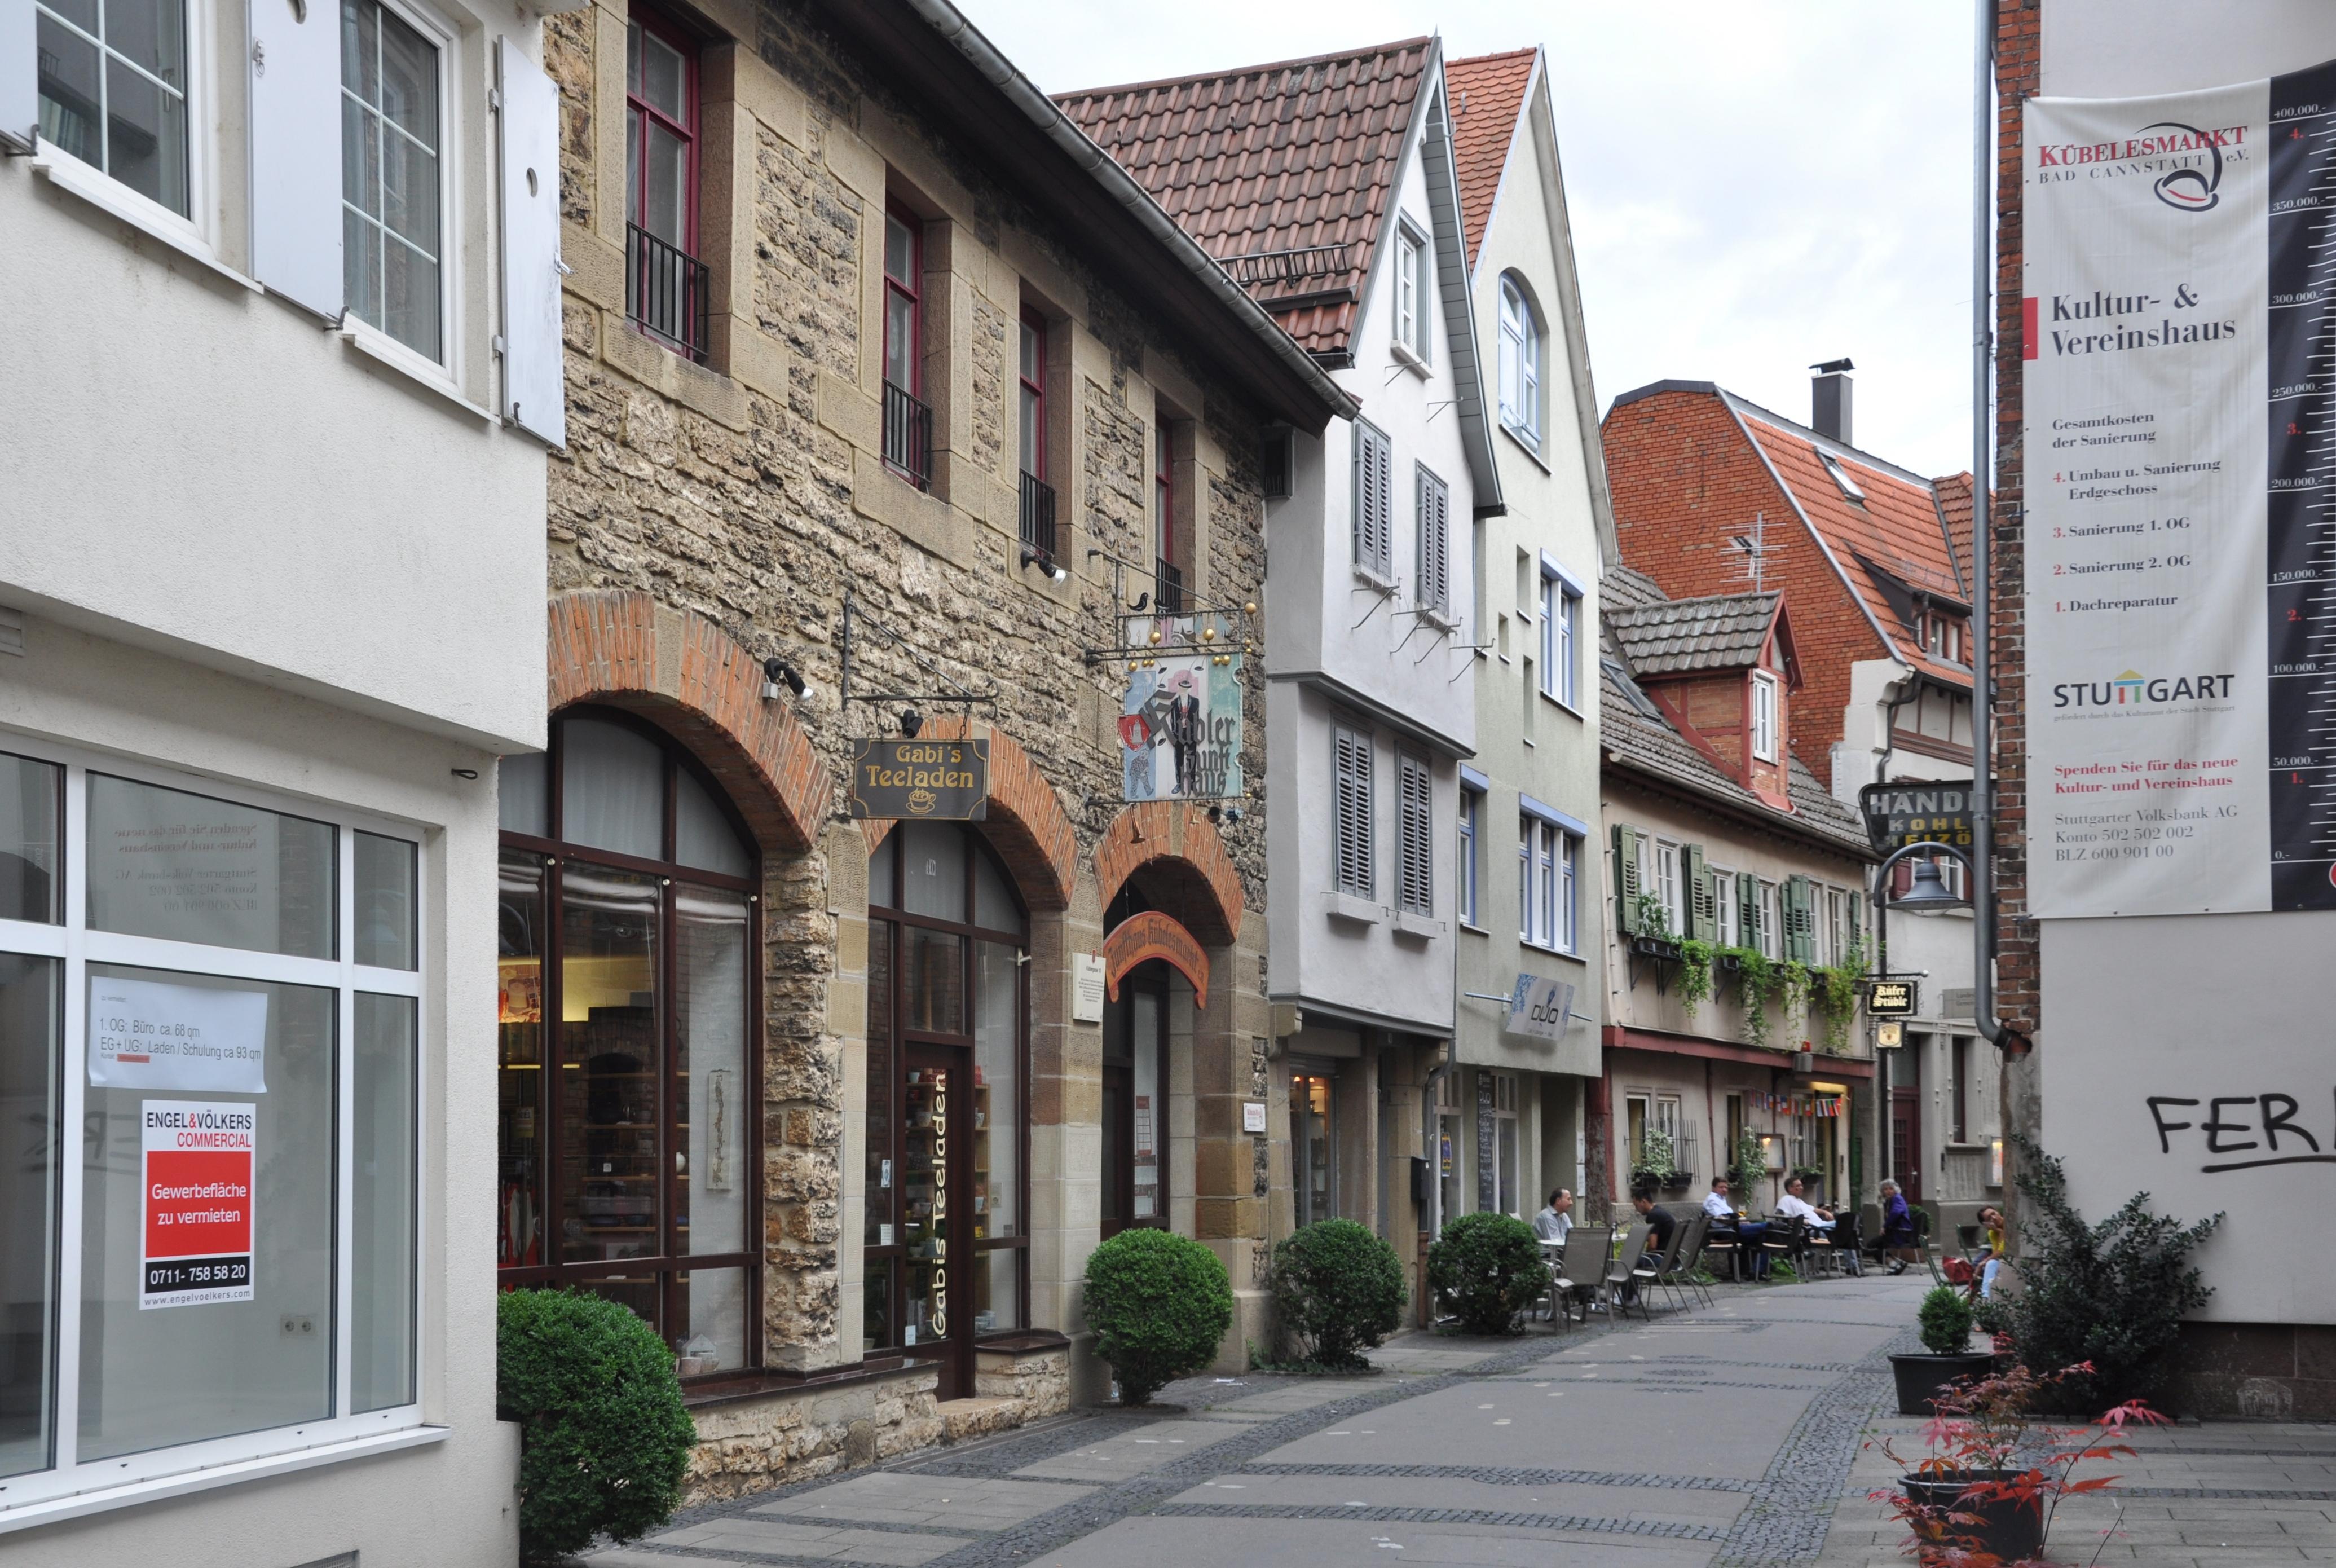 File:Bad Cannstatt Küblergasse img02.jpg - Wikimedia Commons